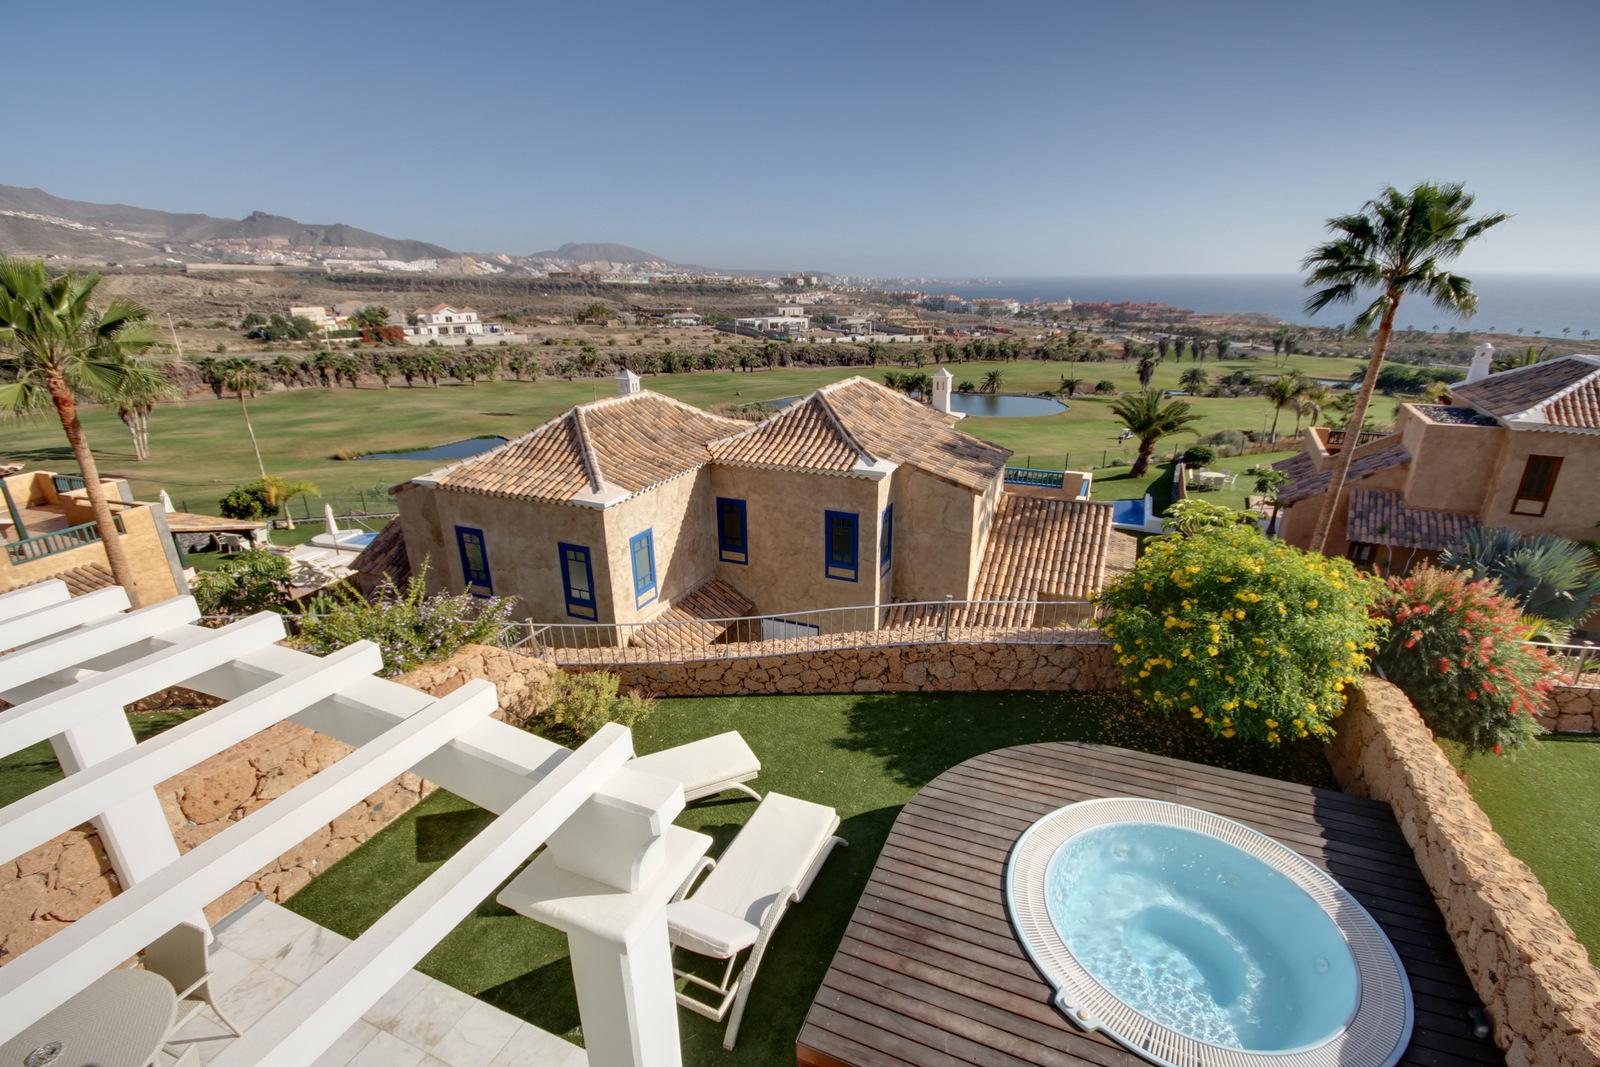 Iles canaries tenerife location vacances villa costa adeje - Jardin caleta tenerife sur ...